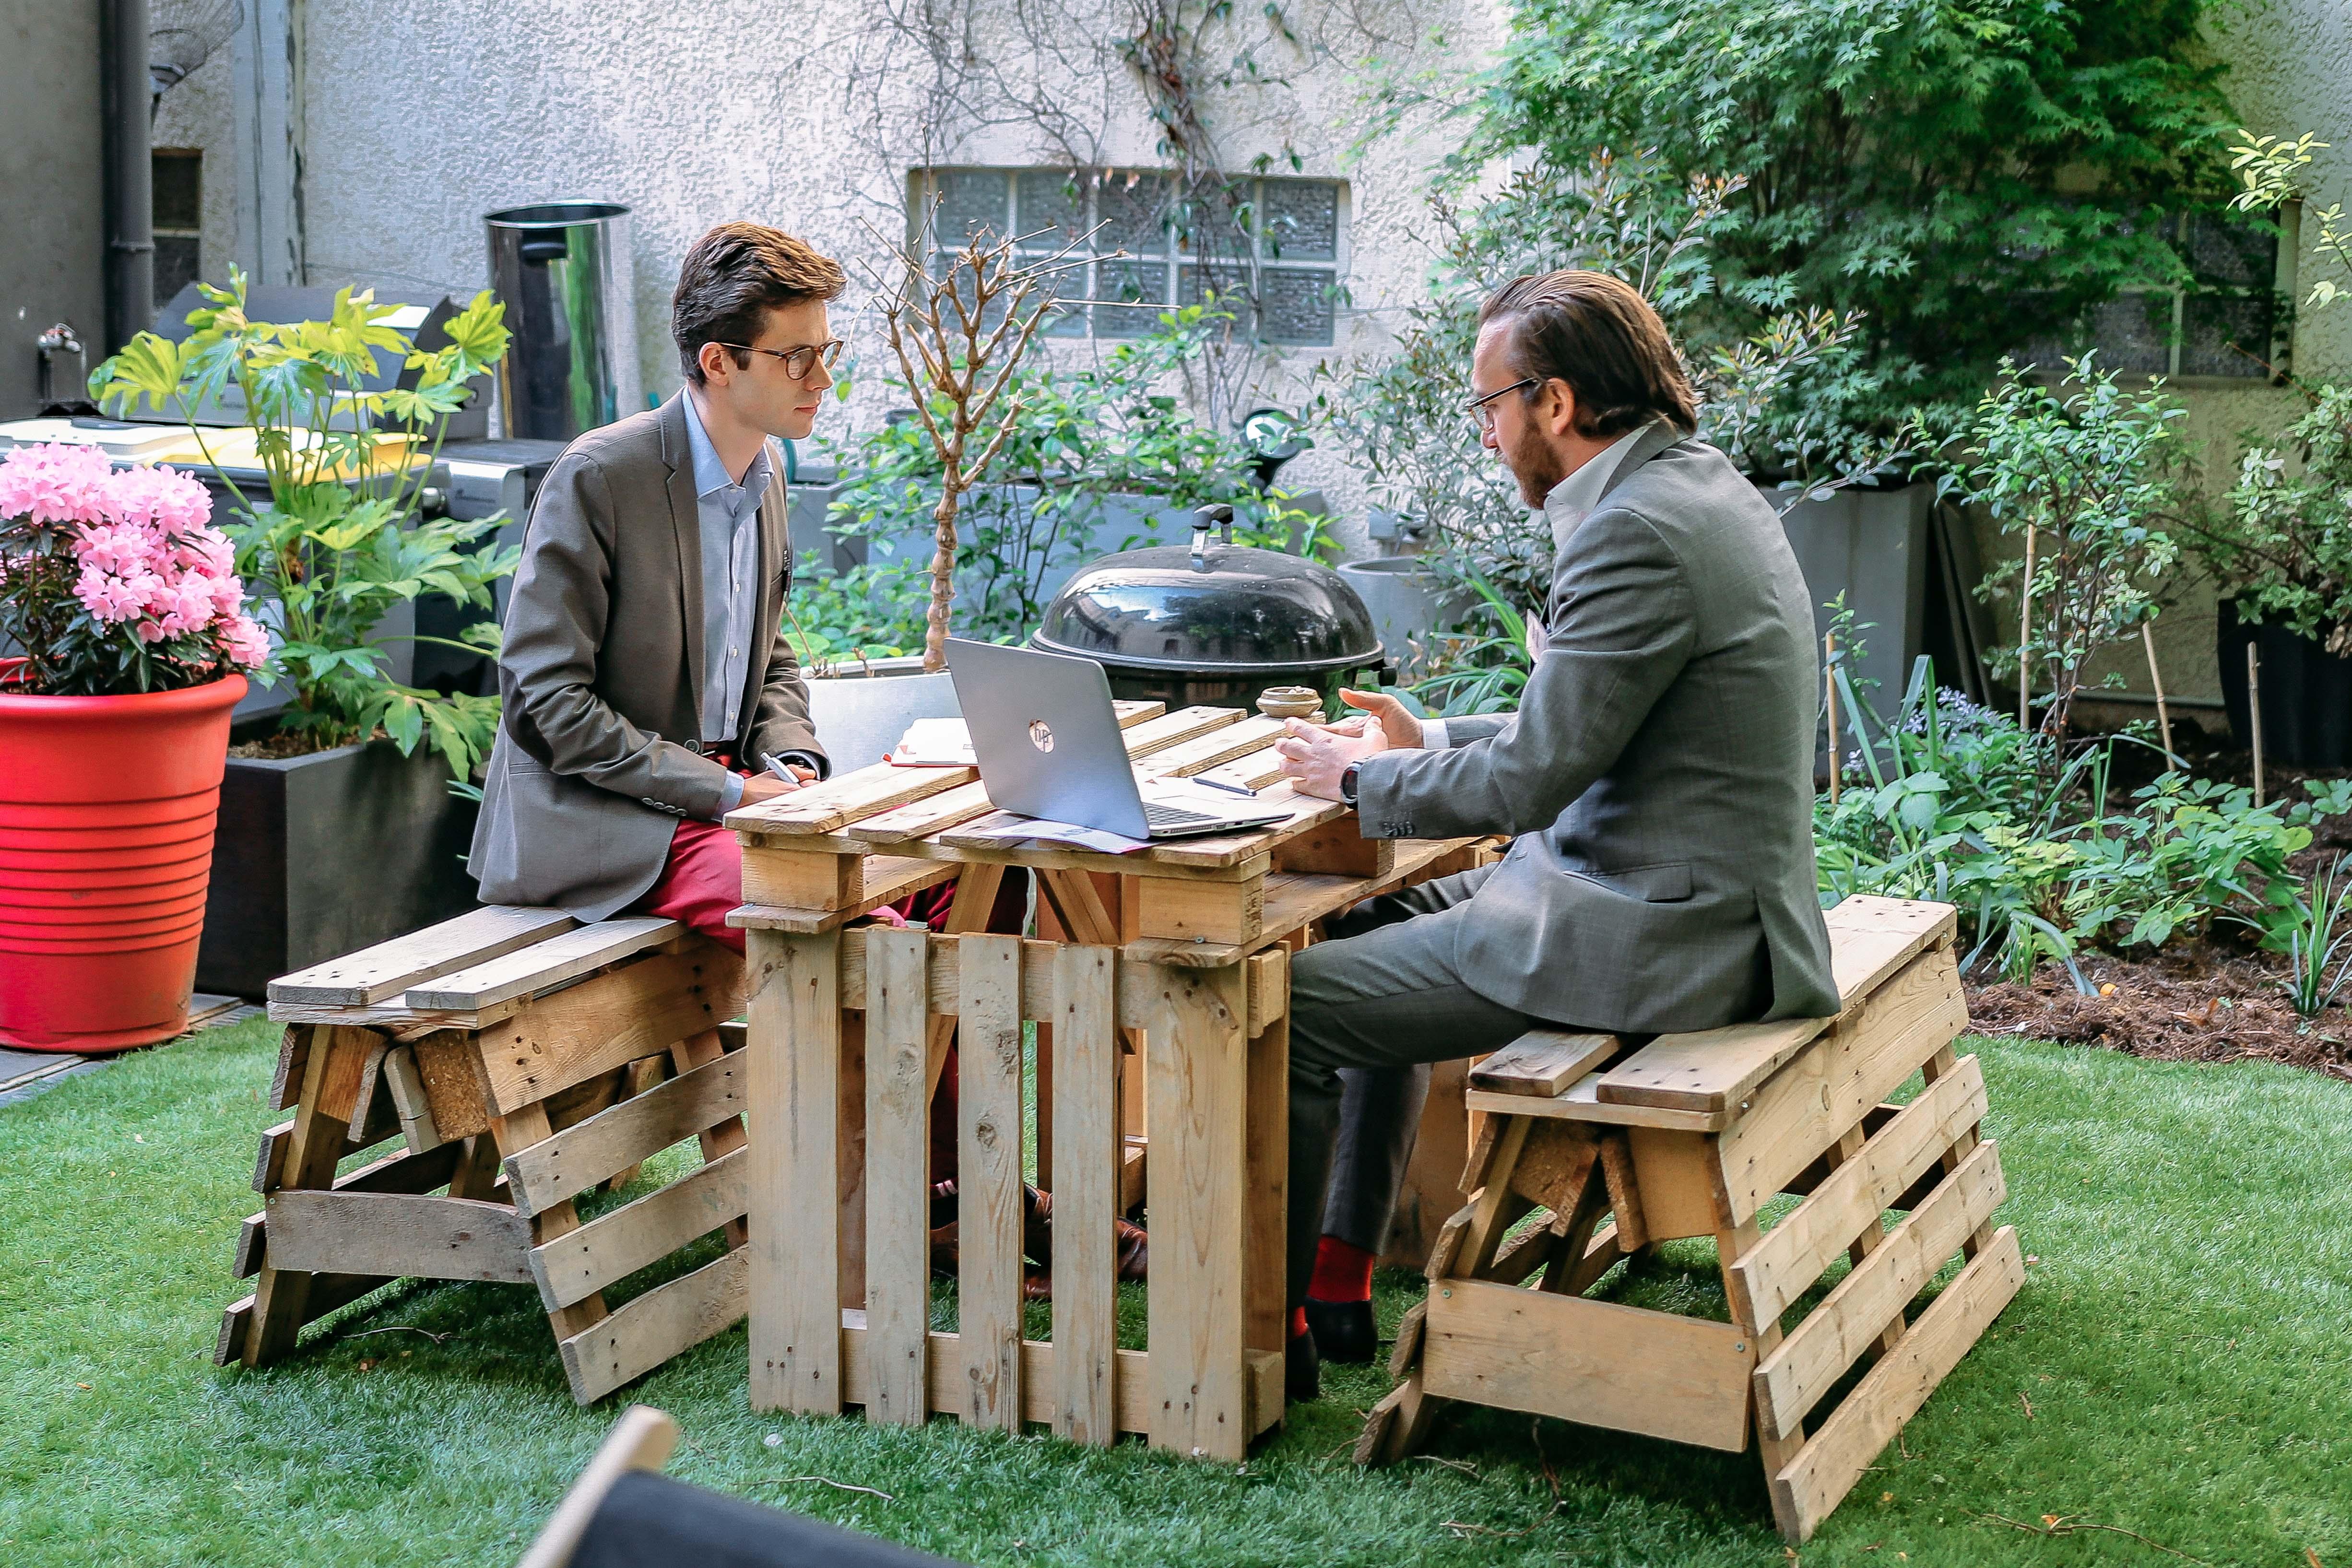 2 hommes se réunissent en plein air pour une réunion créative